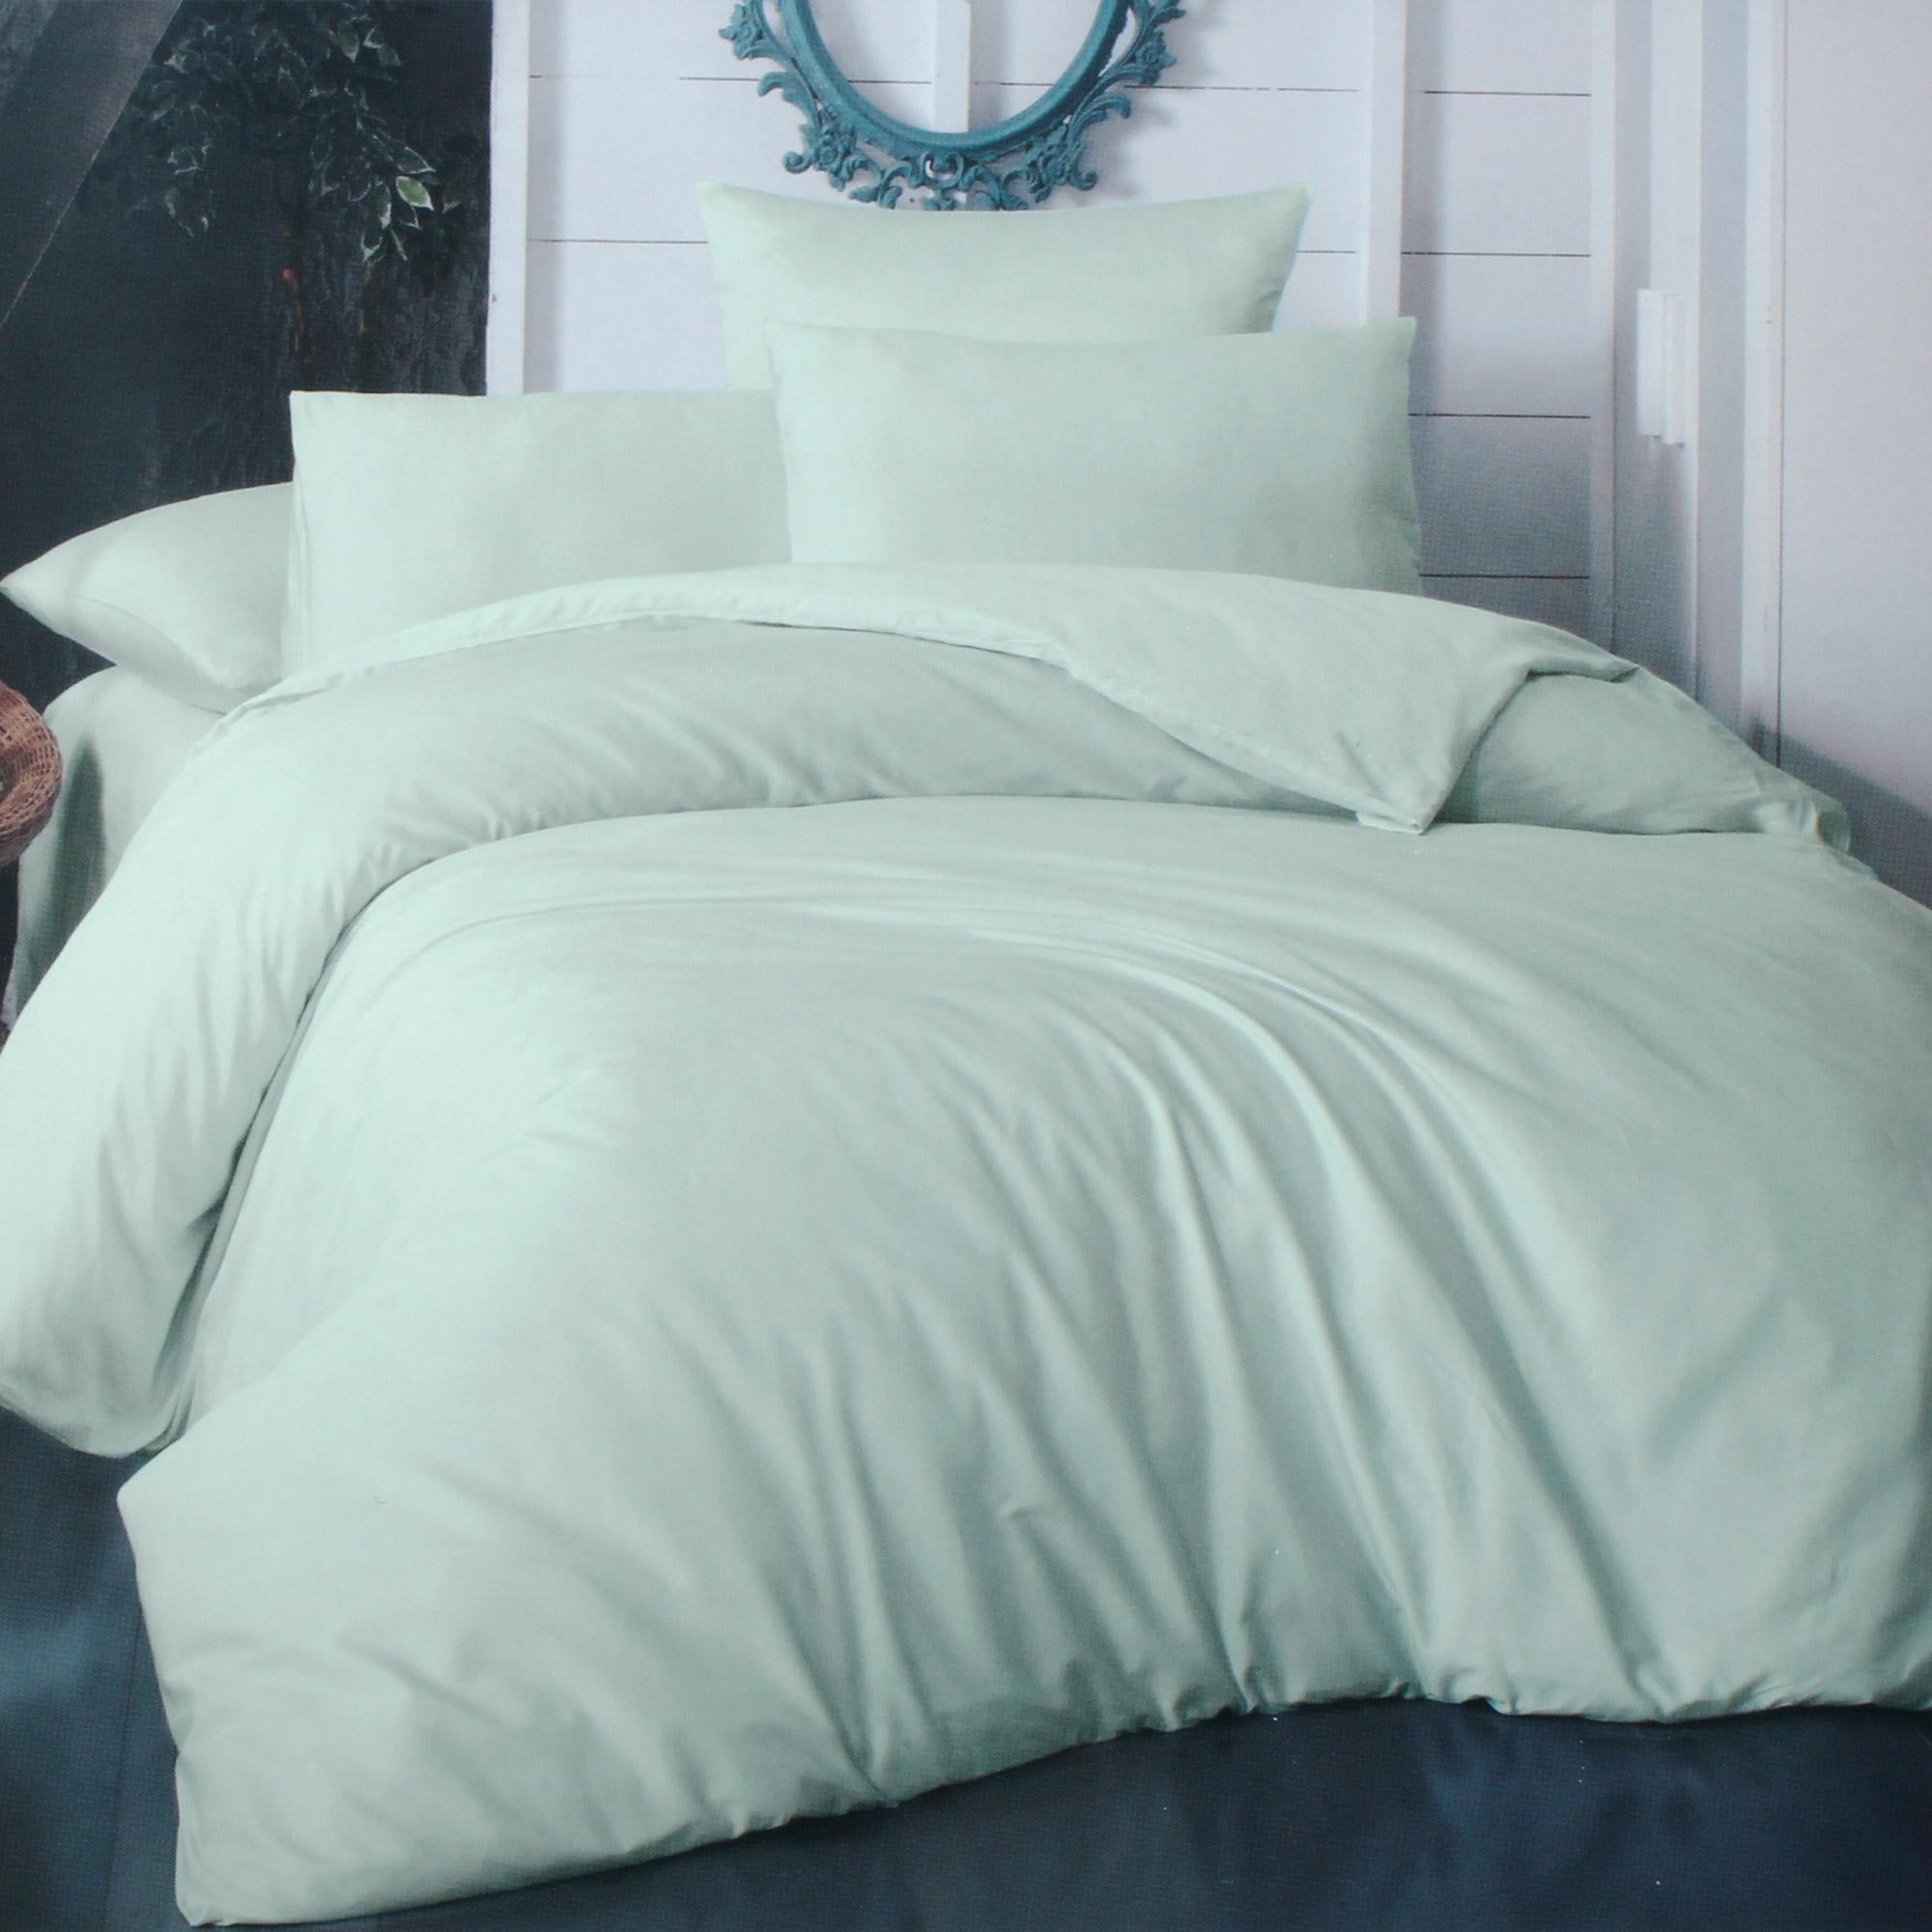 Фото - Комплект постельного белья La Besse Ранфорс мятный Кинг сайз комплект постельного белья la besse ранфорс тёмно серый евро